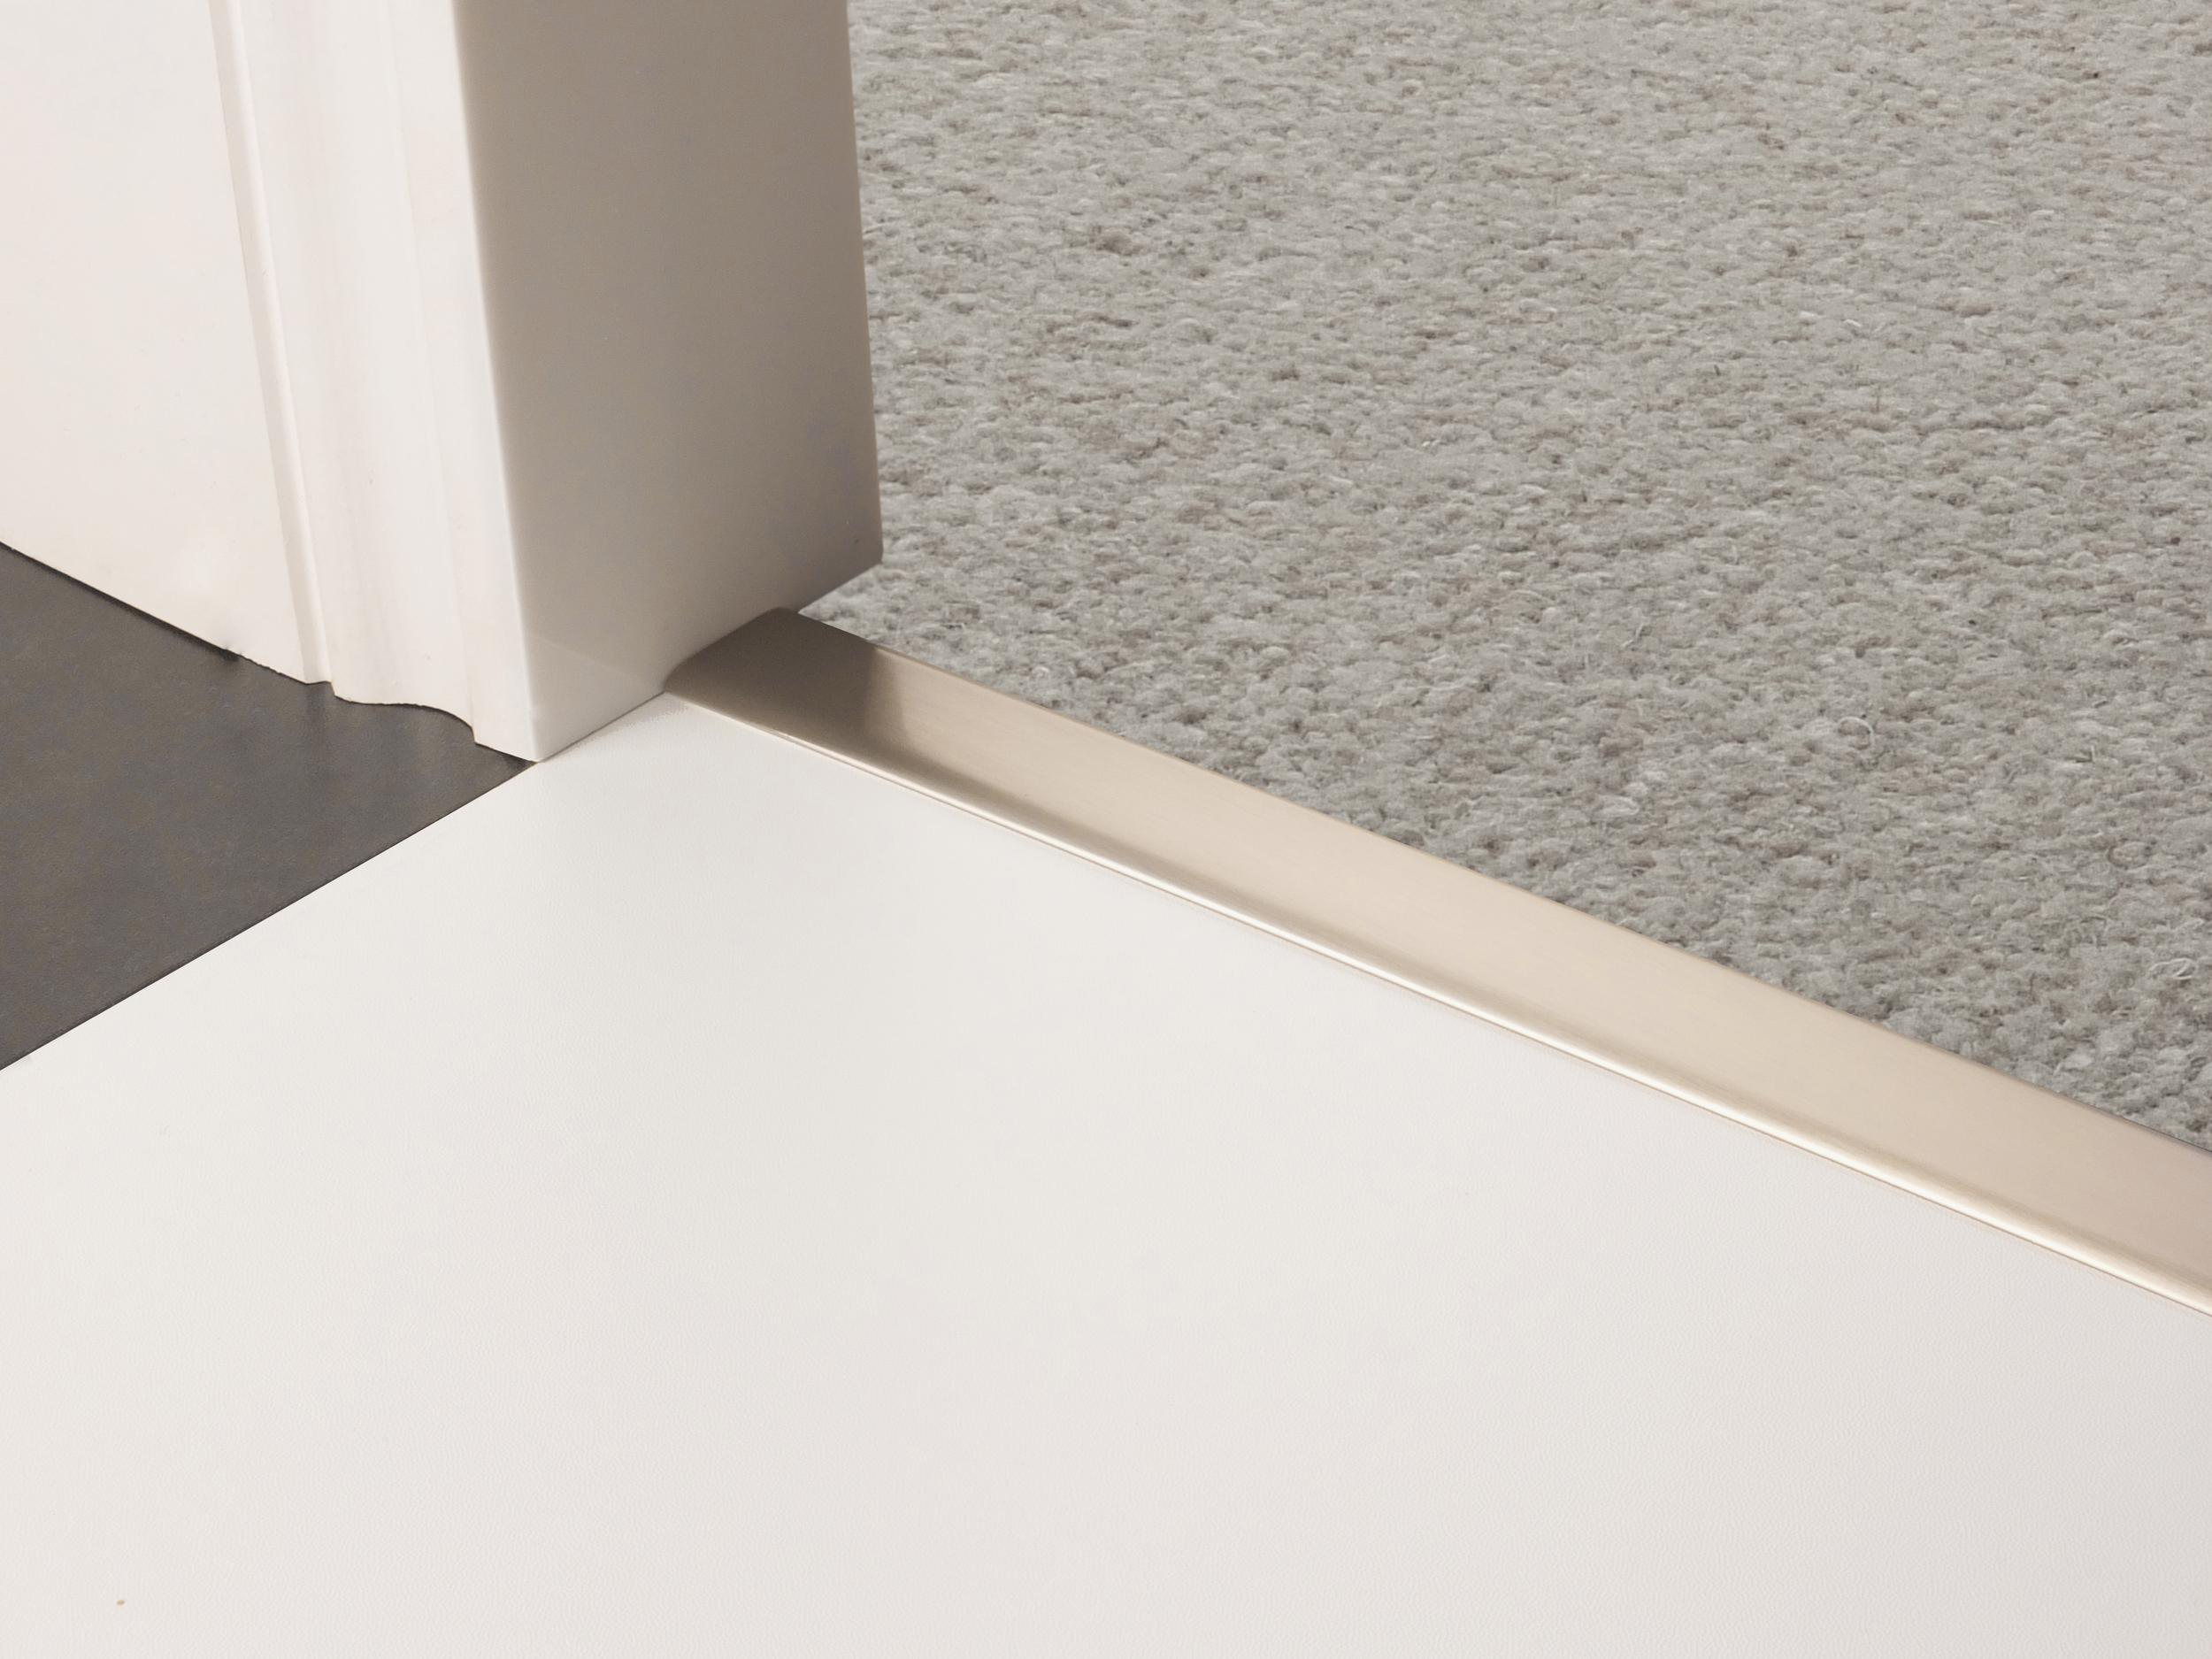 stairrods-doorbar-satin-nickel-ztrim.jpg